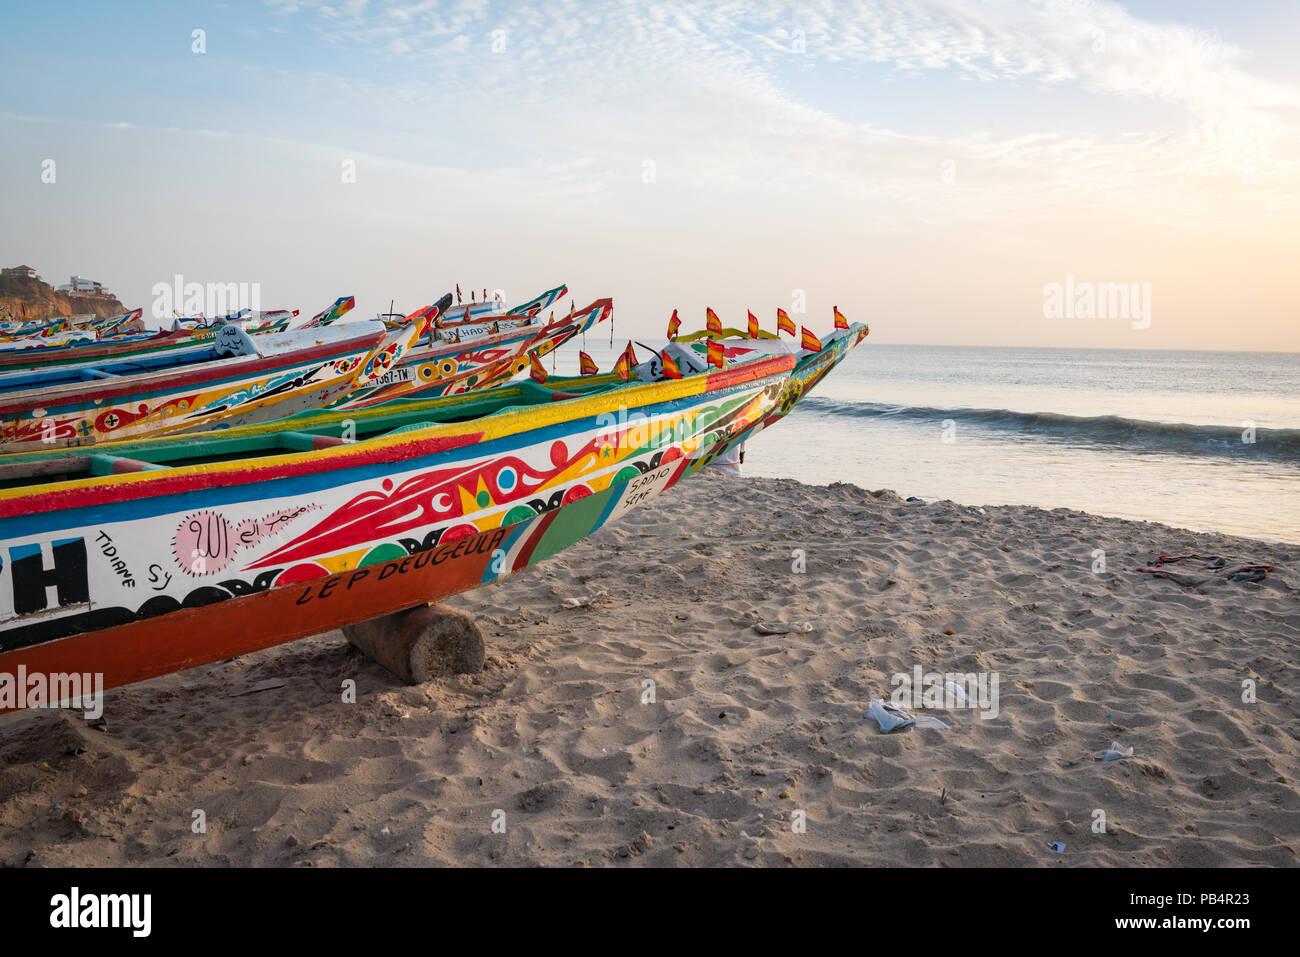 Barche colorate sulla spiaggia di Toubab Dialao, Senegal Immagini Stock